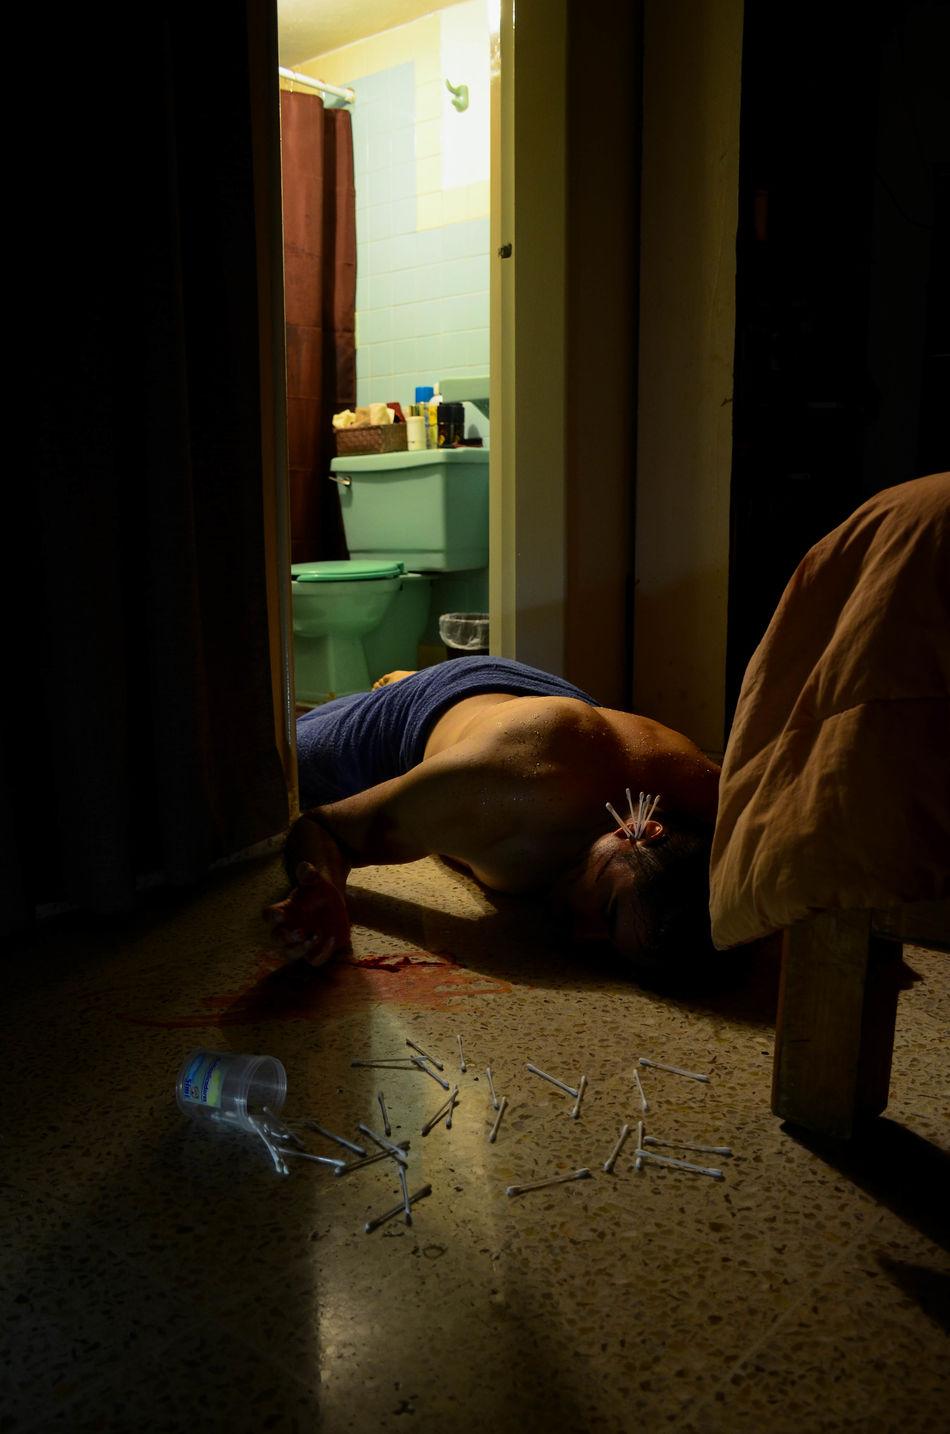 Bathroom Dead Men Cotton Swab Darkness And Light Bedroom